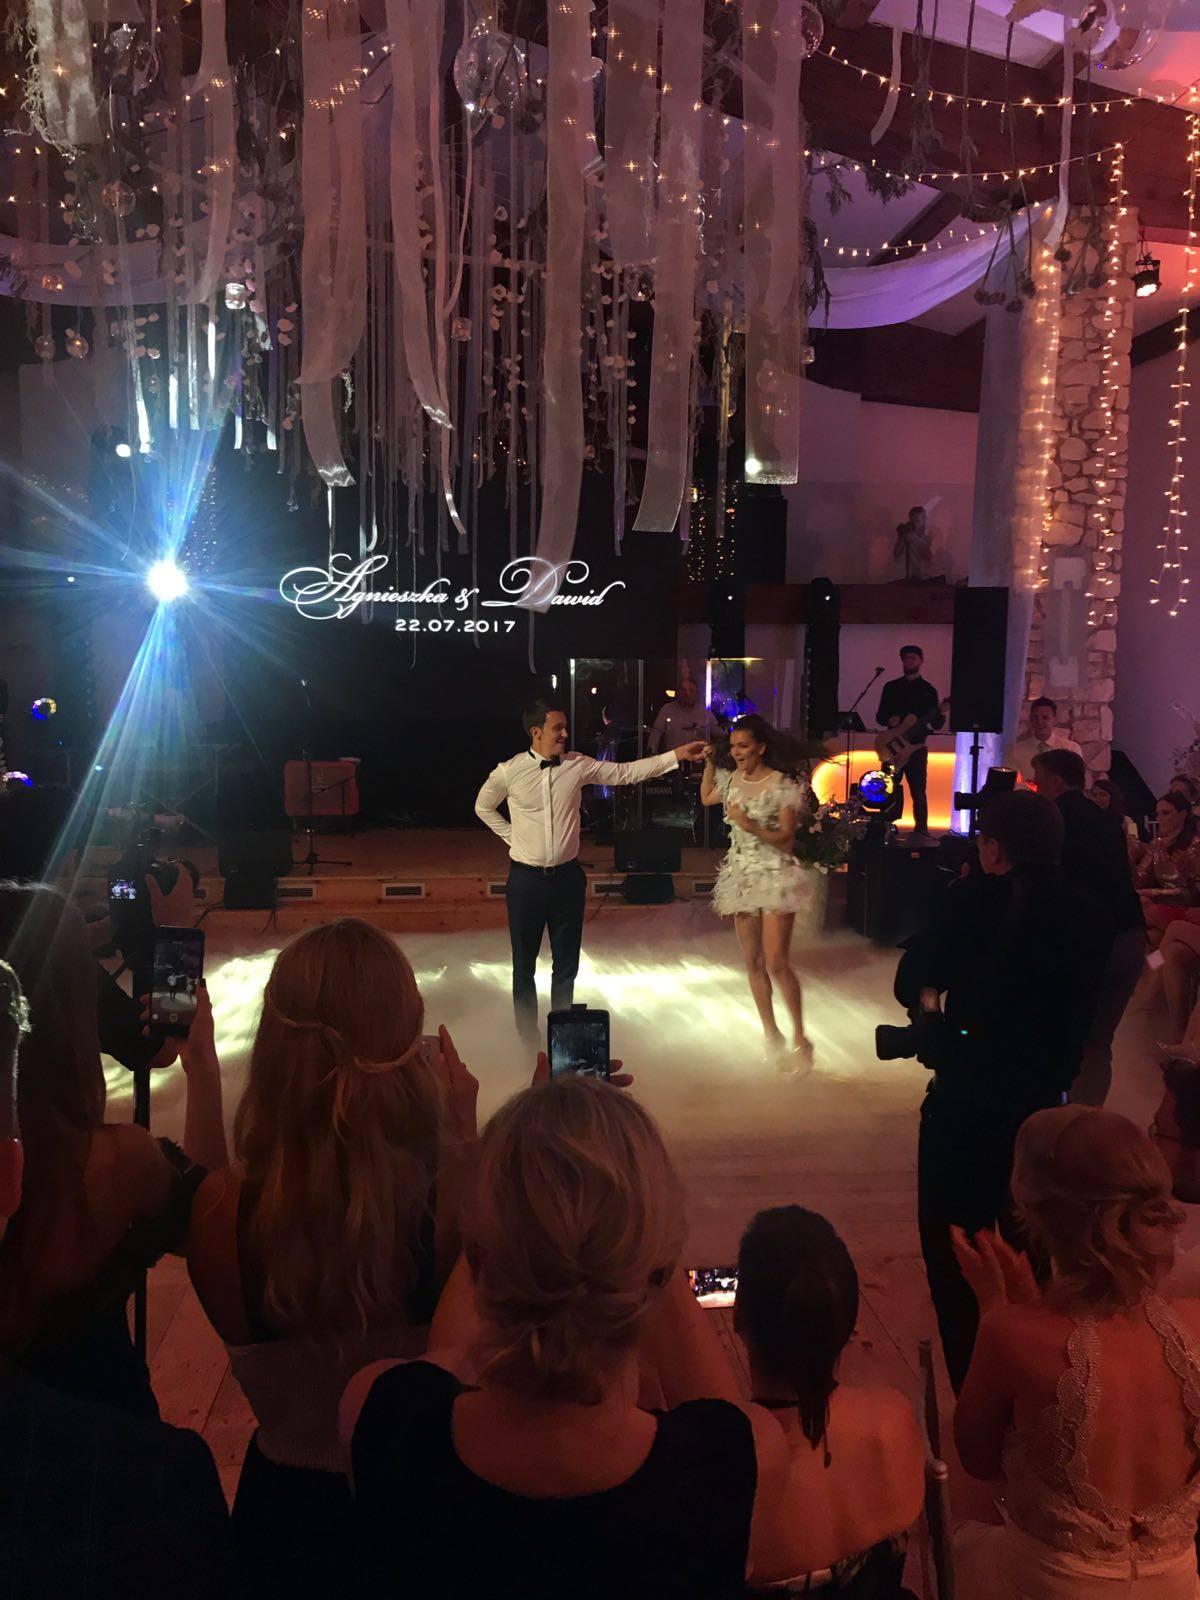 Pierwszy Taniec Radwańskiej I Celta Nowe Zdjęcia Z Wesela Super